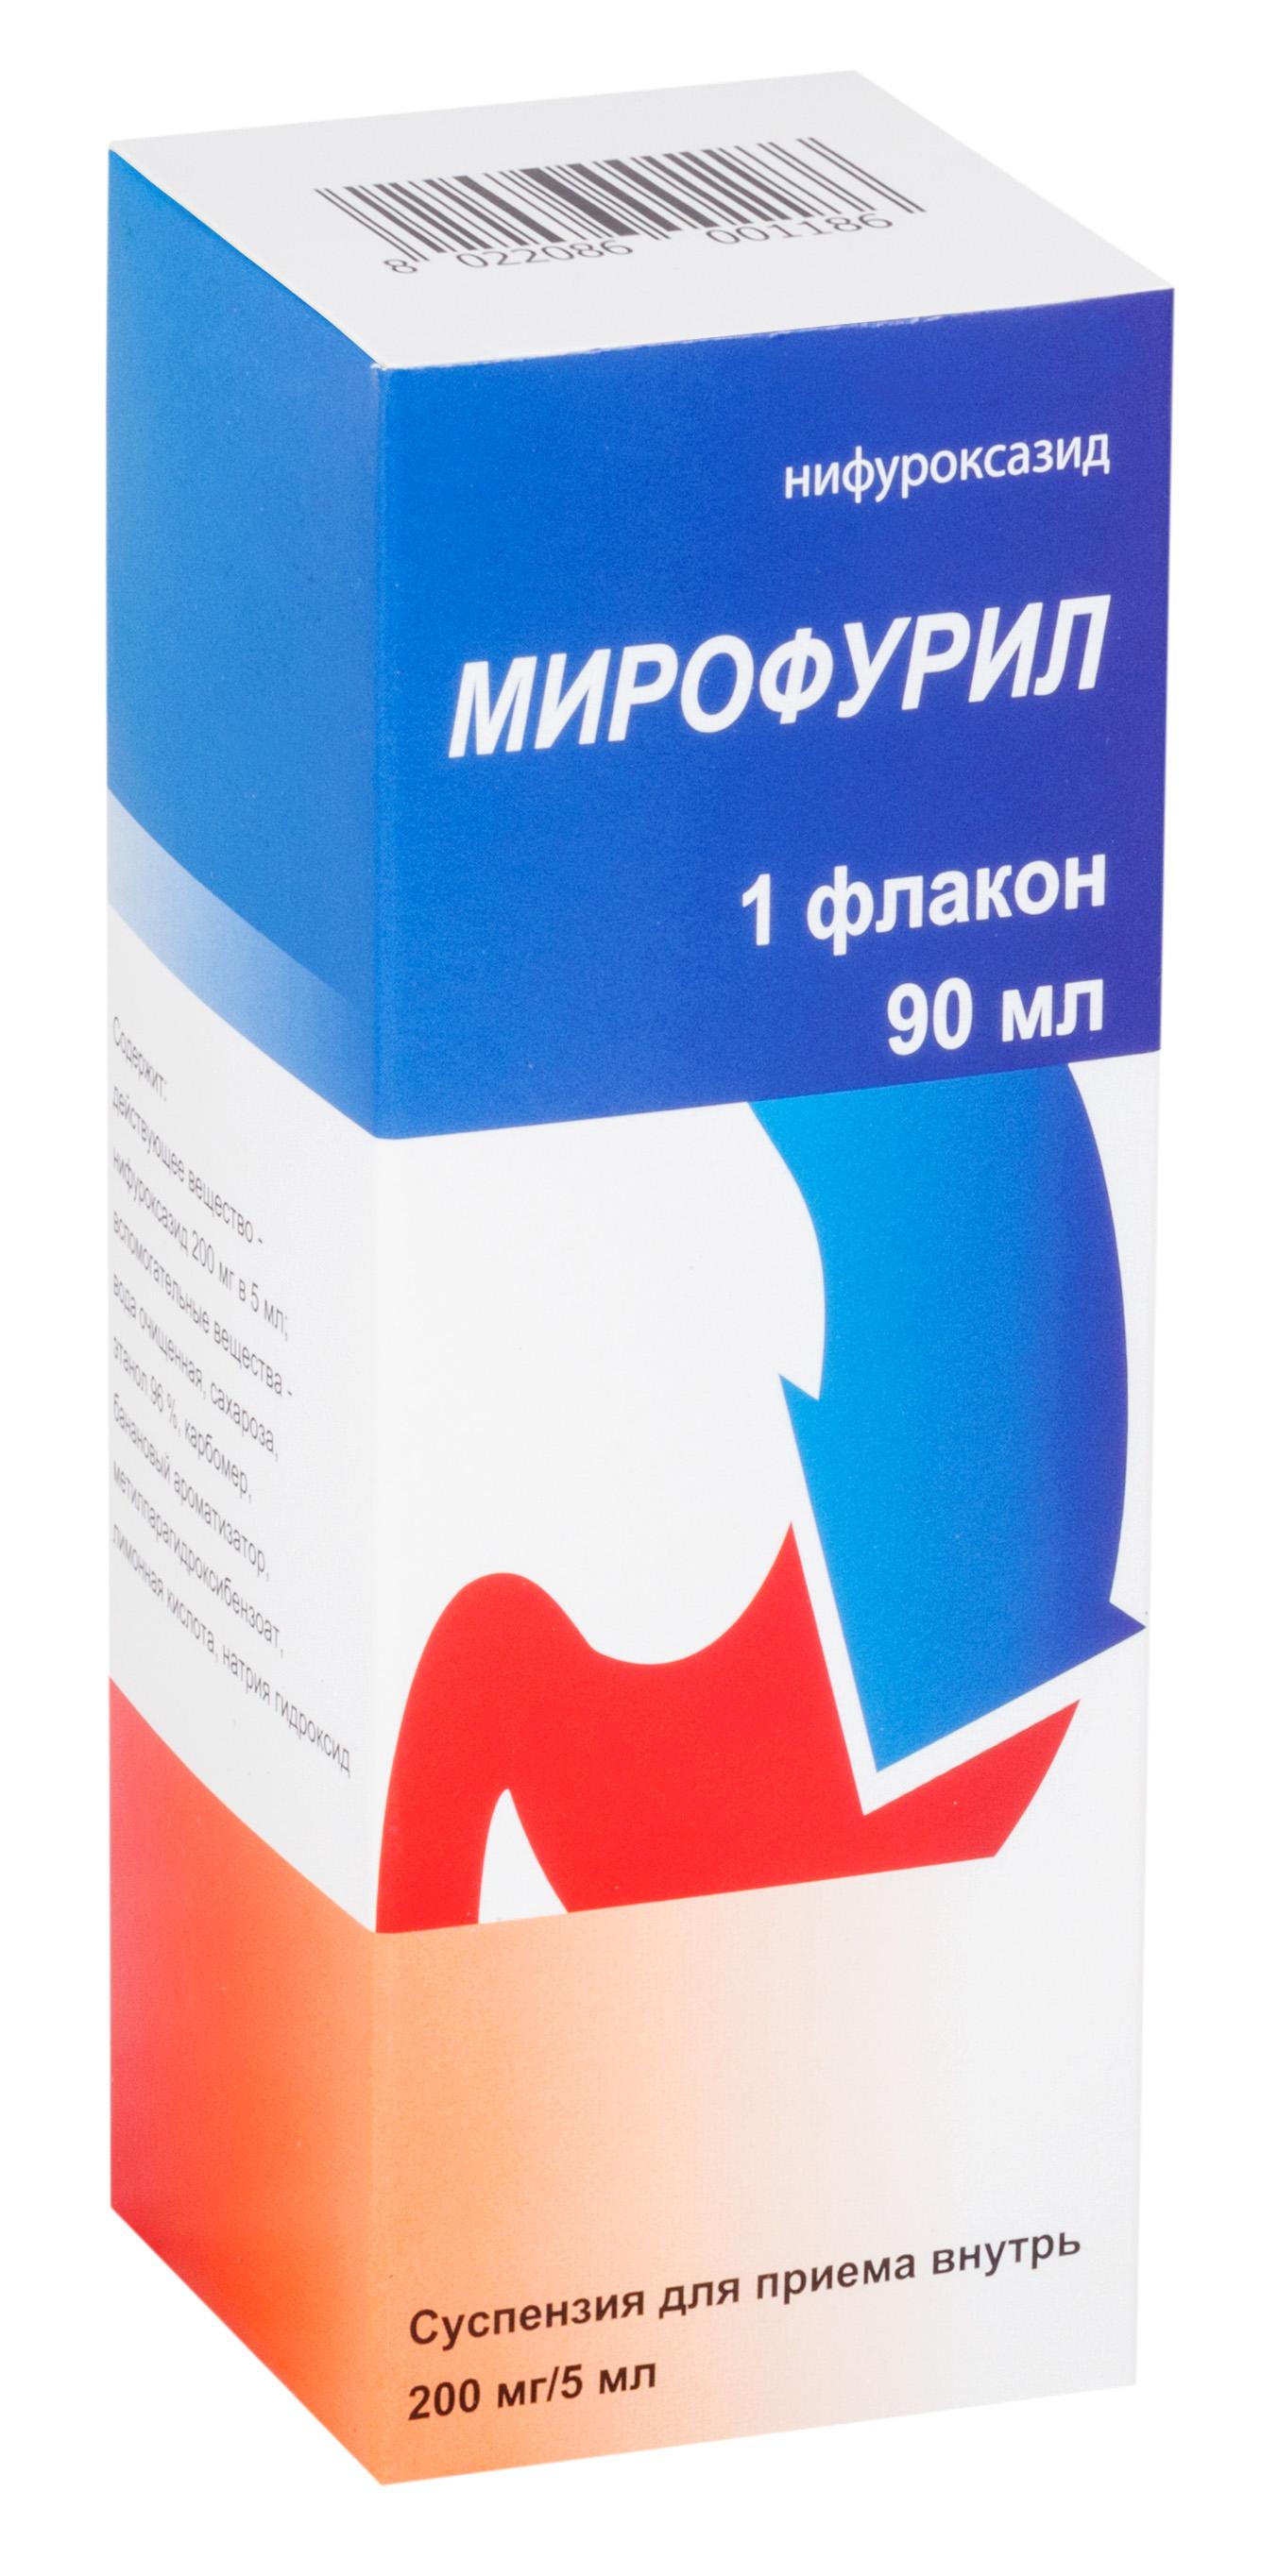 Мирофурил сусп. д/приема внутрь 200мг/5мл фл. 90мл(в компл. с мерным колпачком) №1(банан)